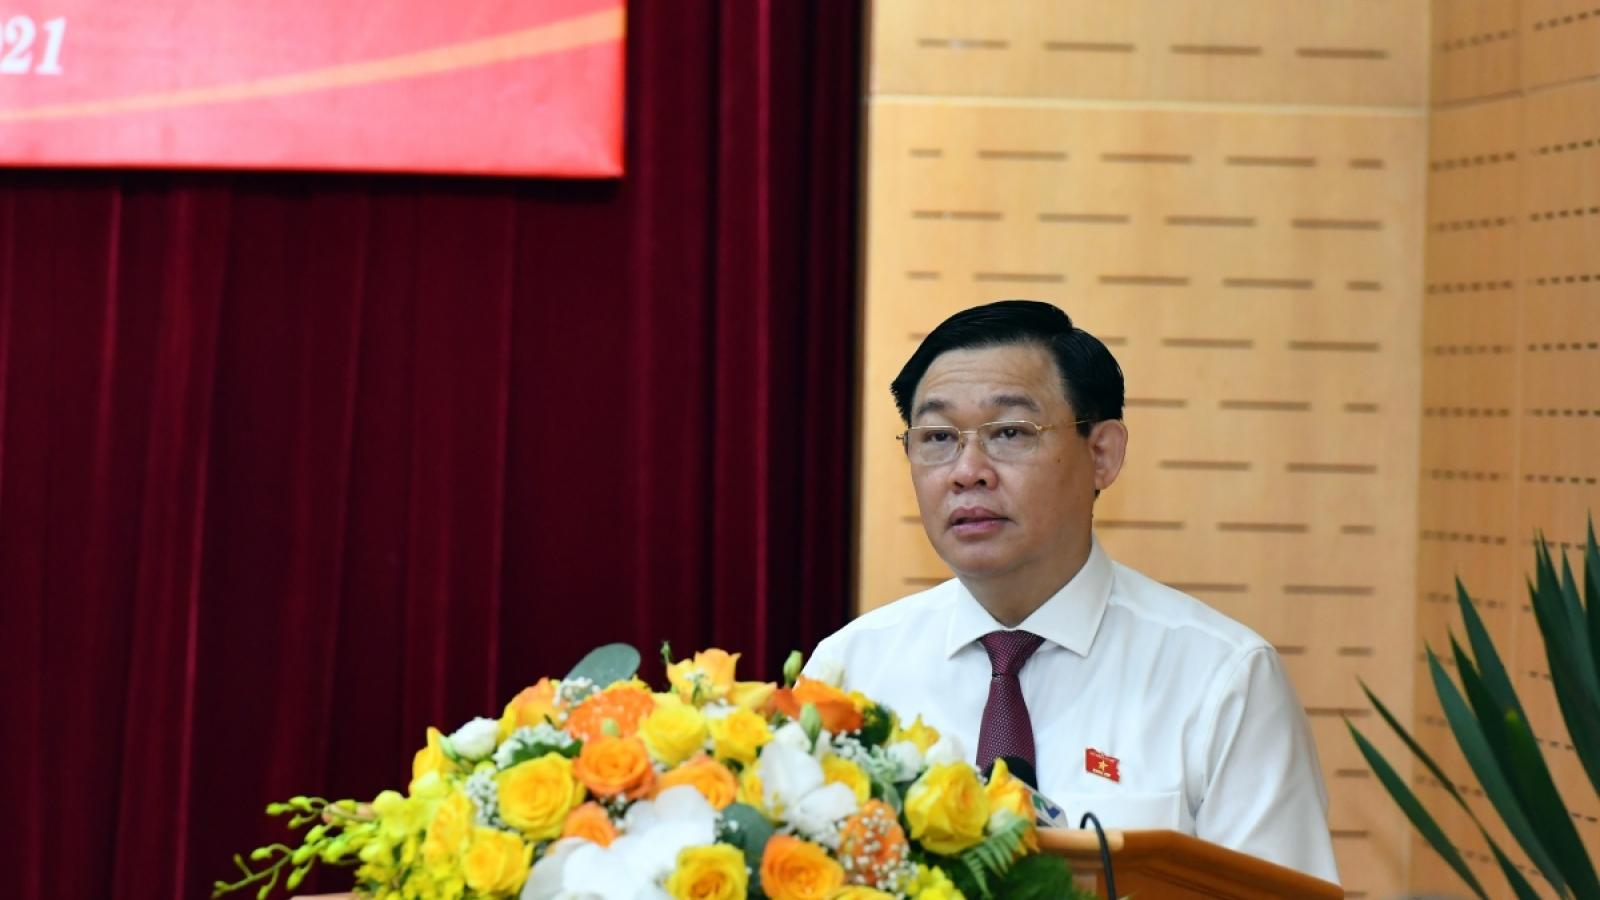 Toàn văn phát biểu của Chủ tịch Quốc hội tại Hội nghị bảo đảm an ninh cho Ngày bầu cử